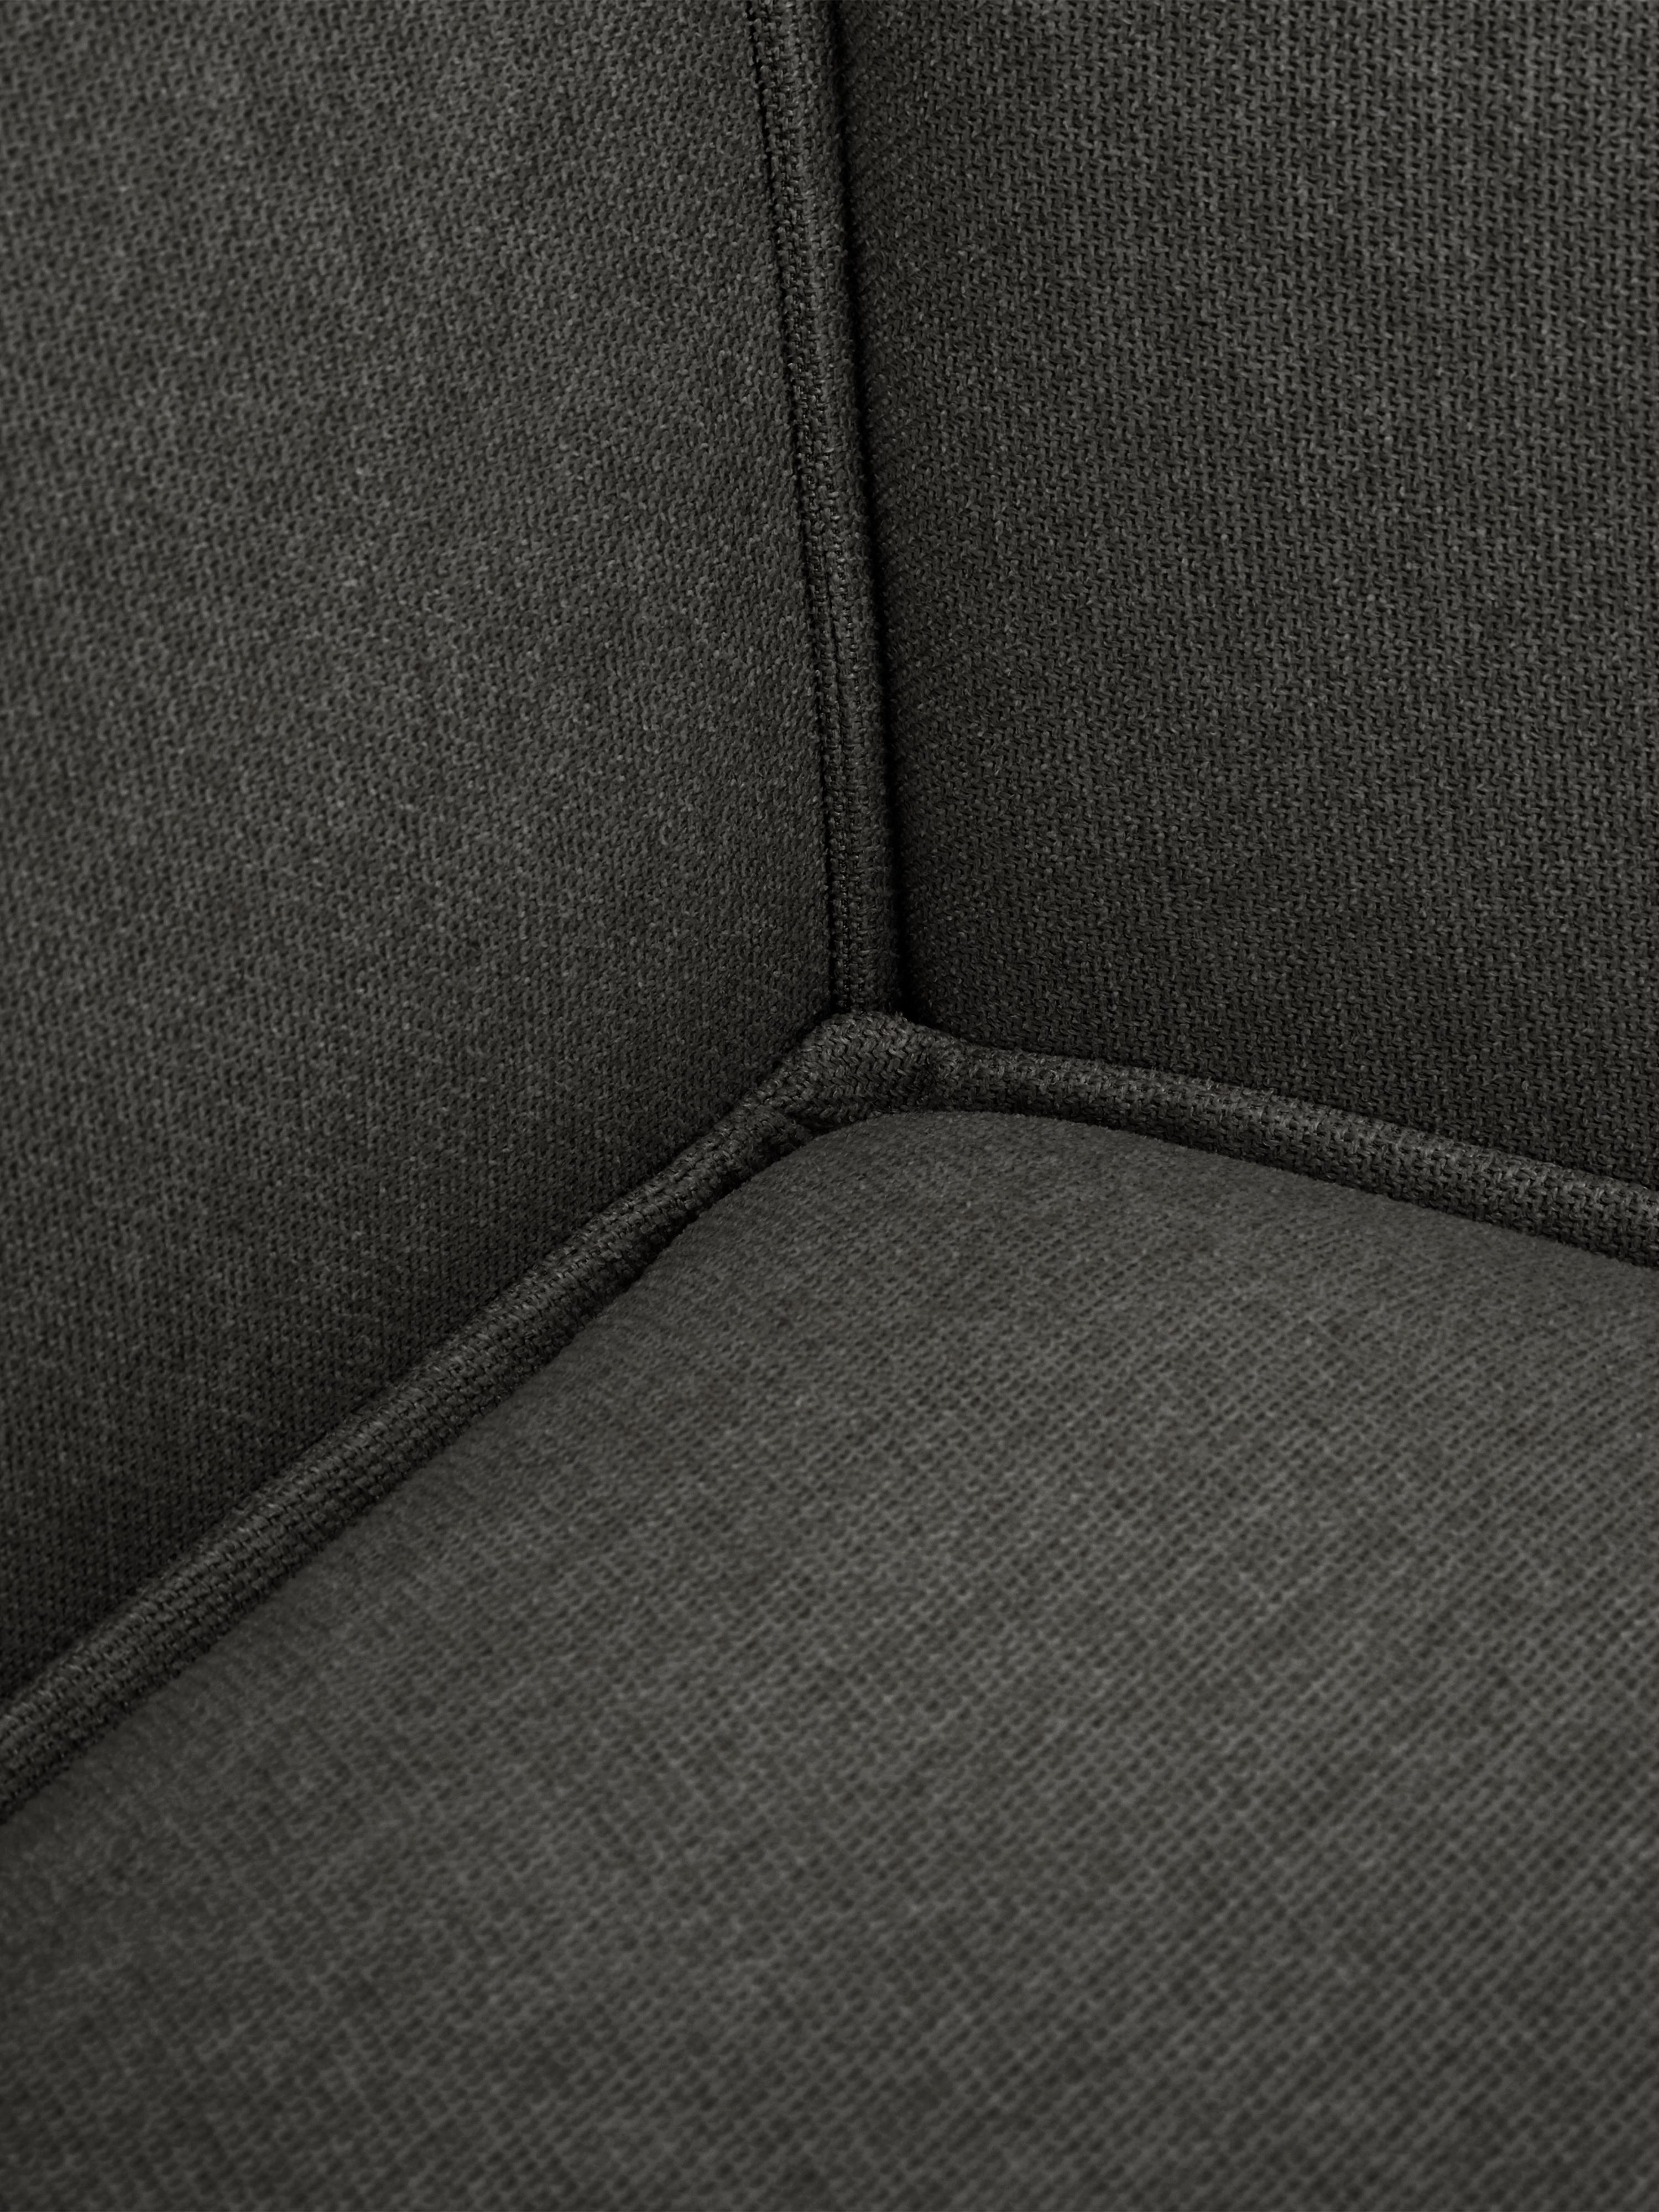 Divano componibile in tessuto antracite Lennon, Rivestimento: poliestere 35.000 cicli d, Struttura: legno di pino massiccio, , Piedini: materiale sintetico, Tessuto antracite, Larg. 269 x Prof. 119 cm